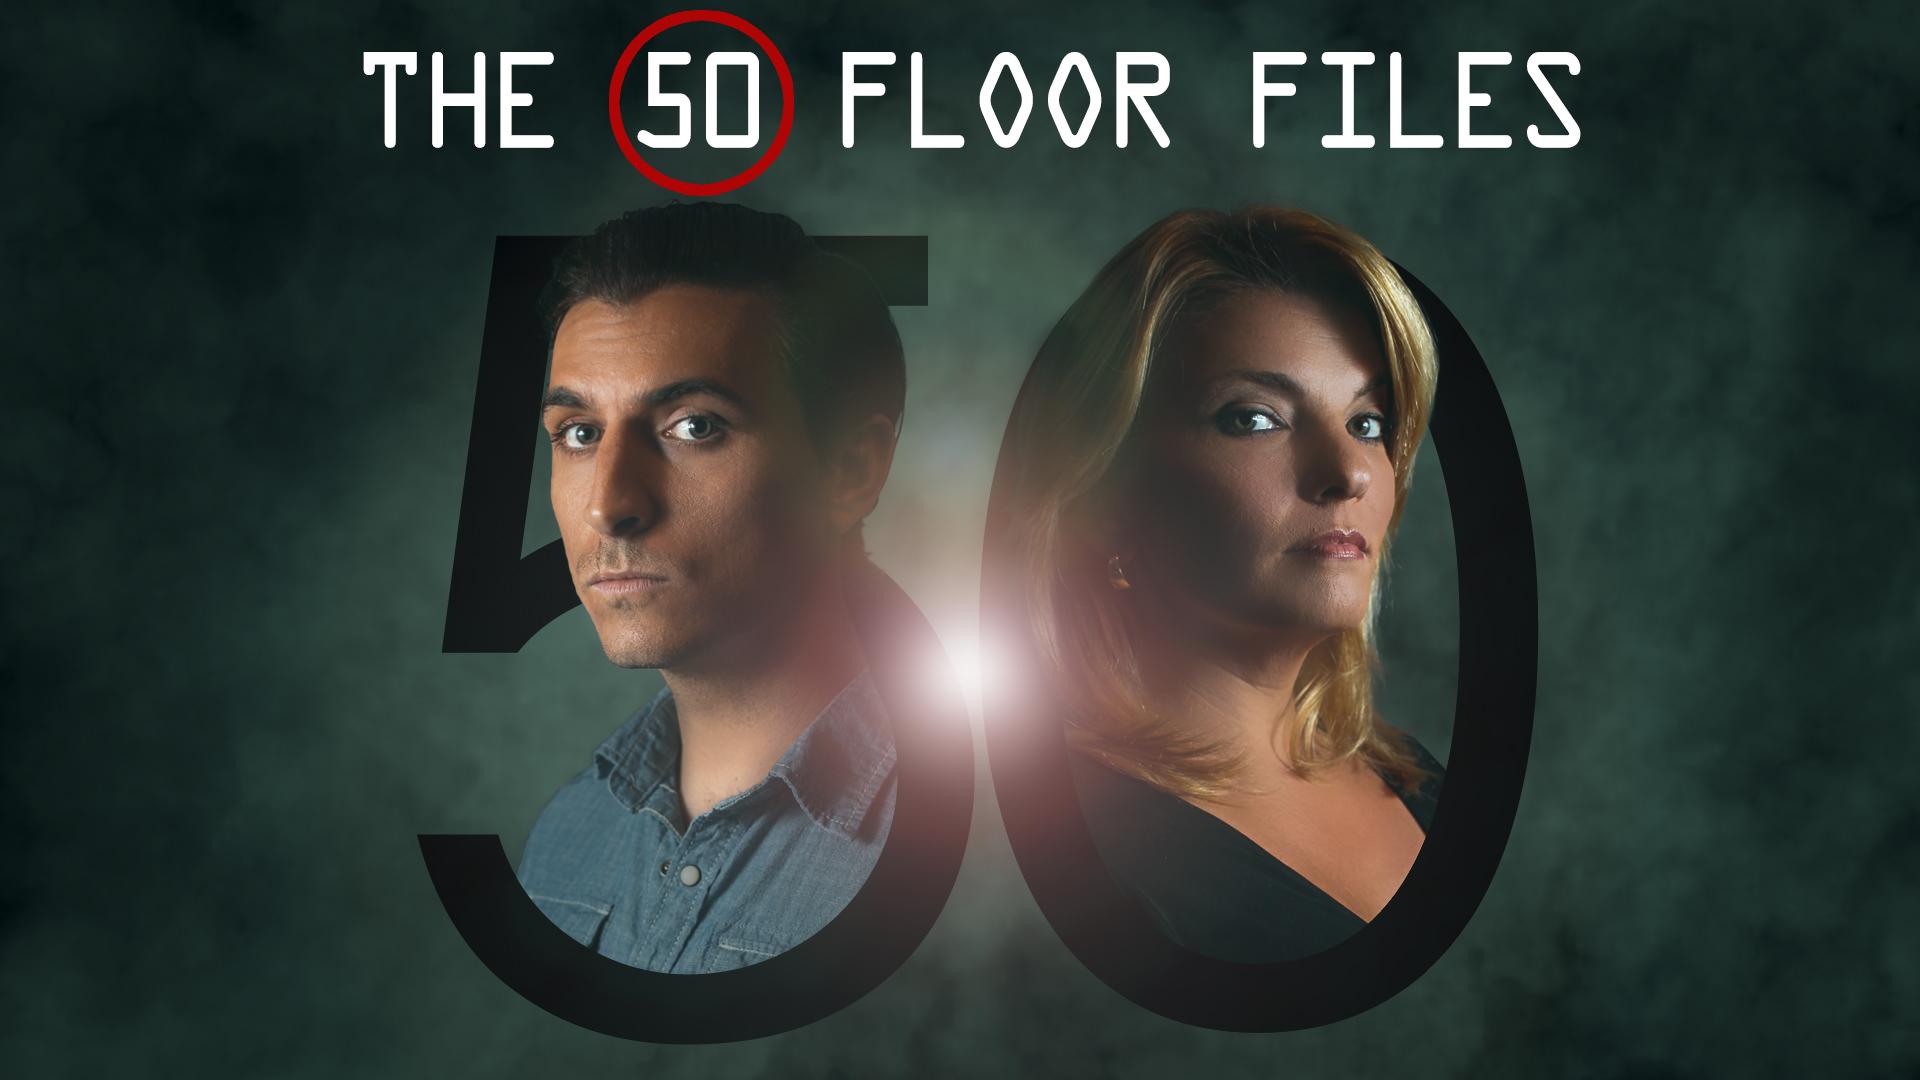 50_floor_files